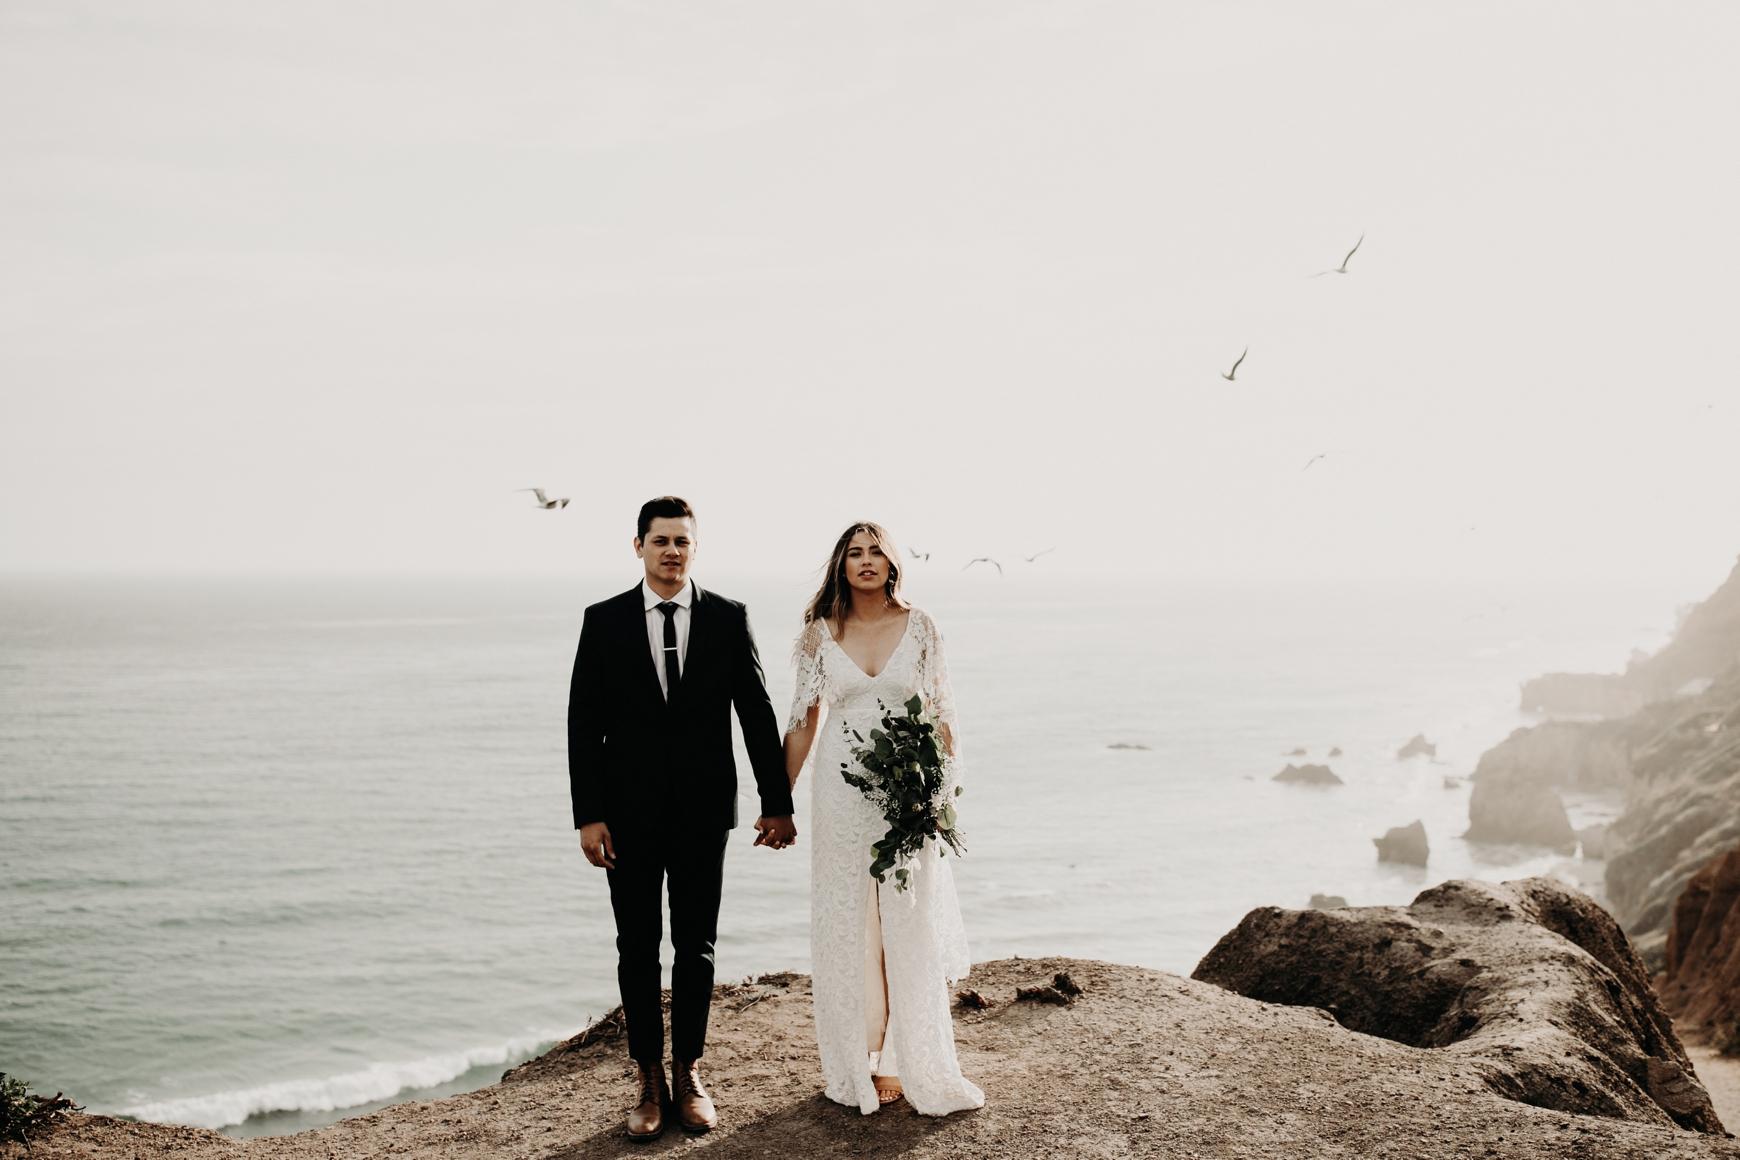 El Matador Beach Bridal Portraits Justellen & TJ Emily Magers Photography-111Emily Magers Photography.jpg